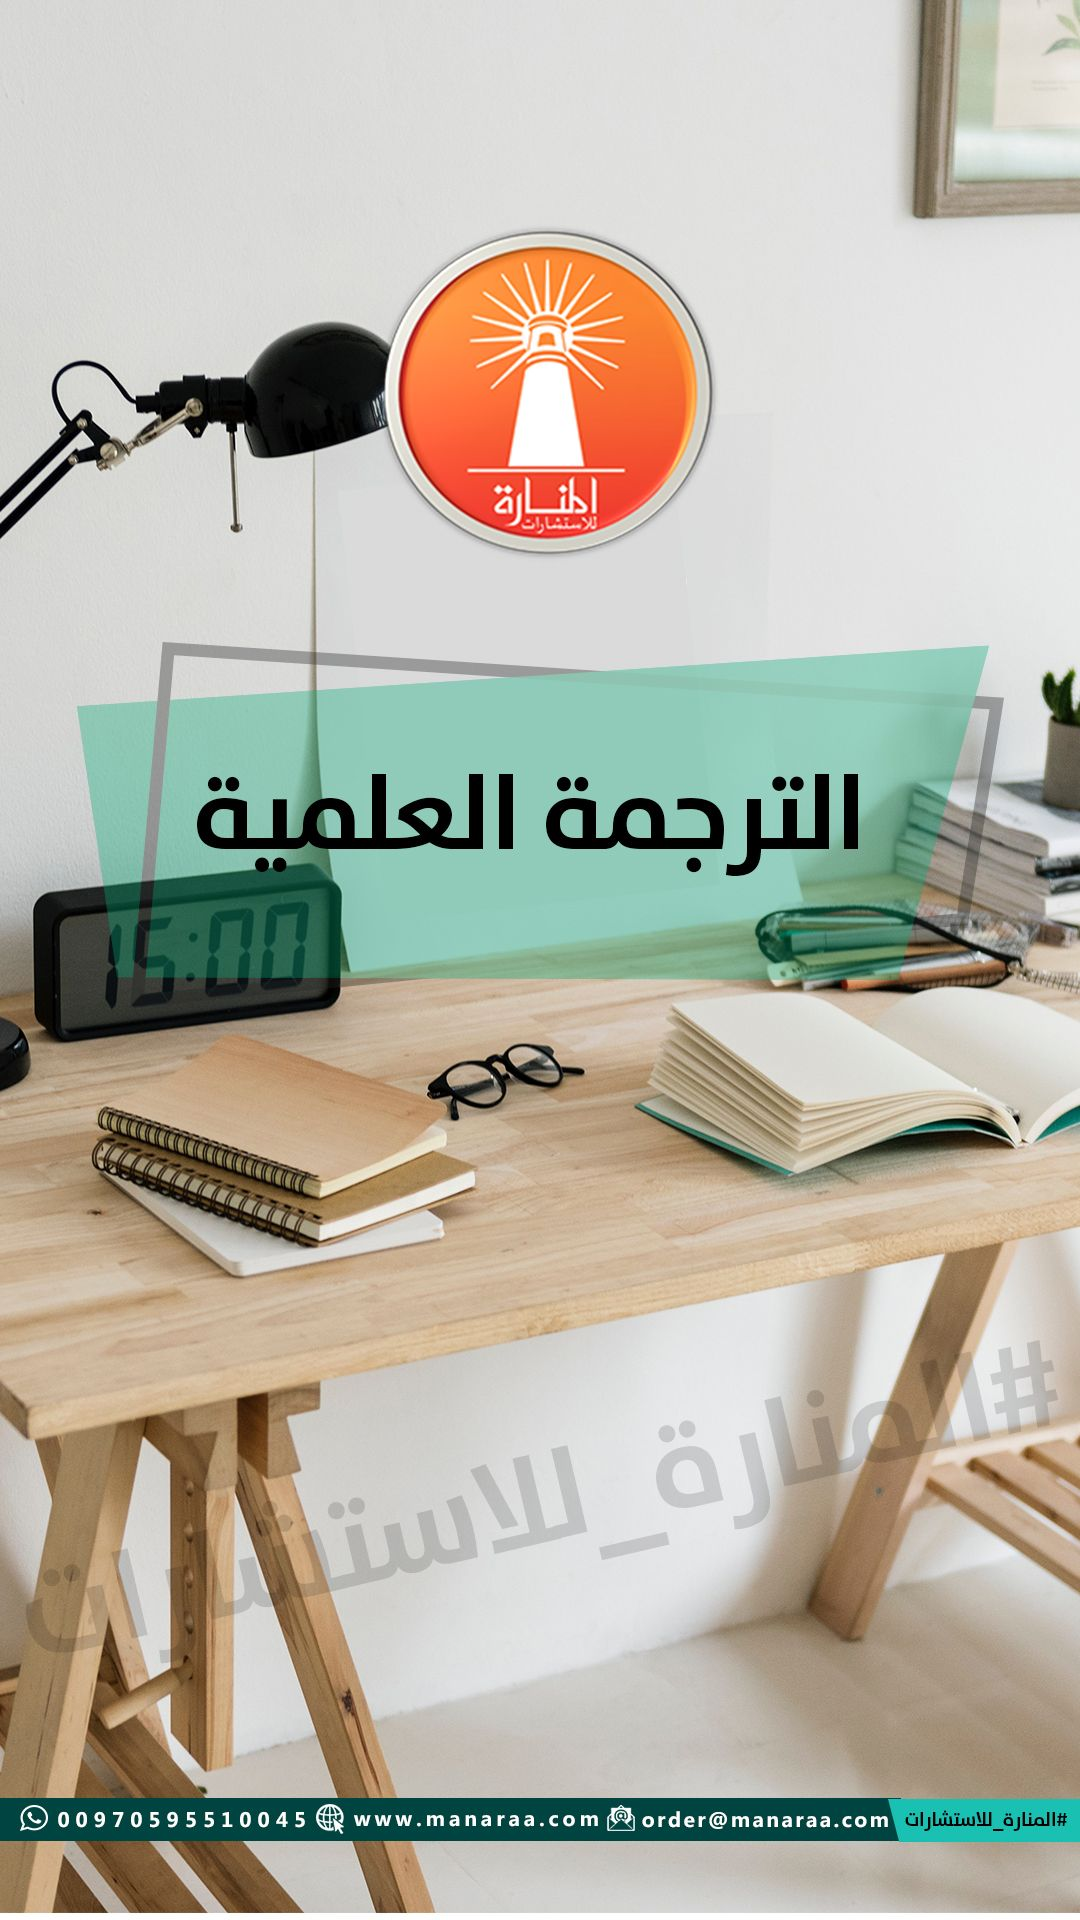 خدمات الترجمة الإحترافية Standing Desk Home Decor Decor